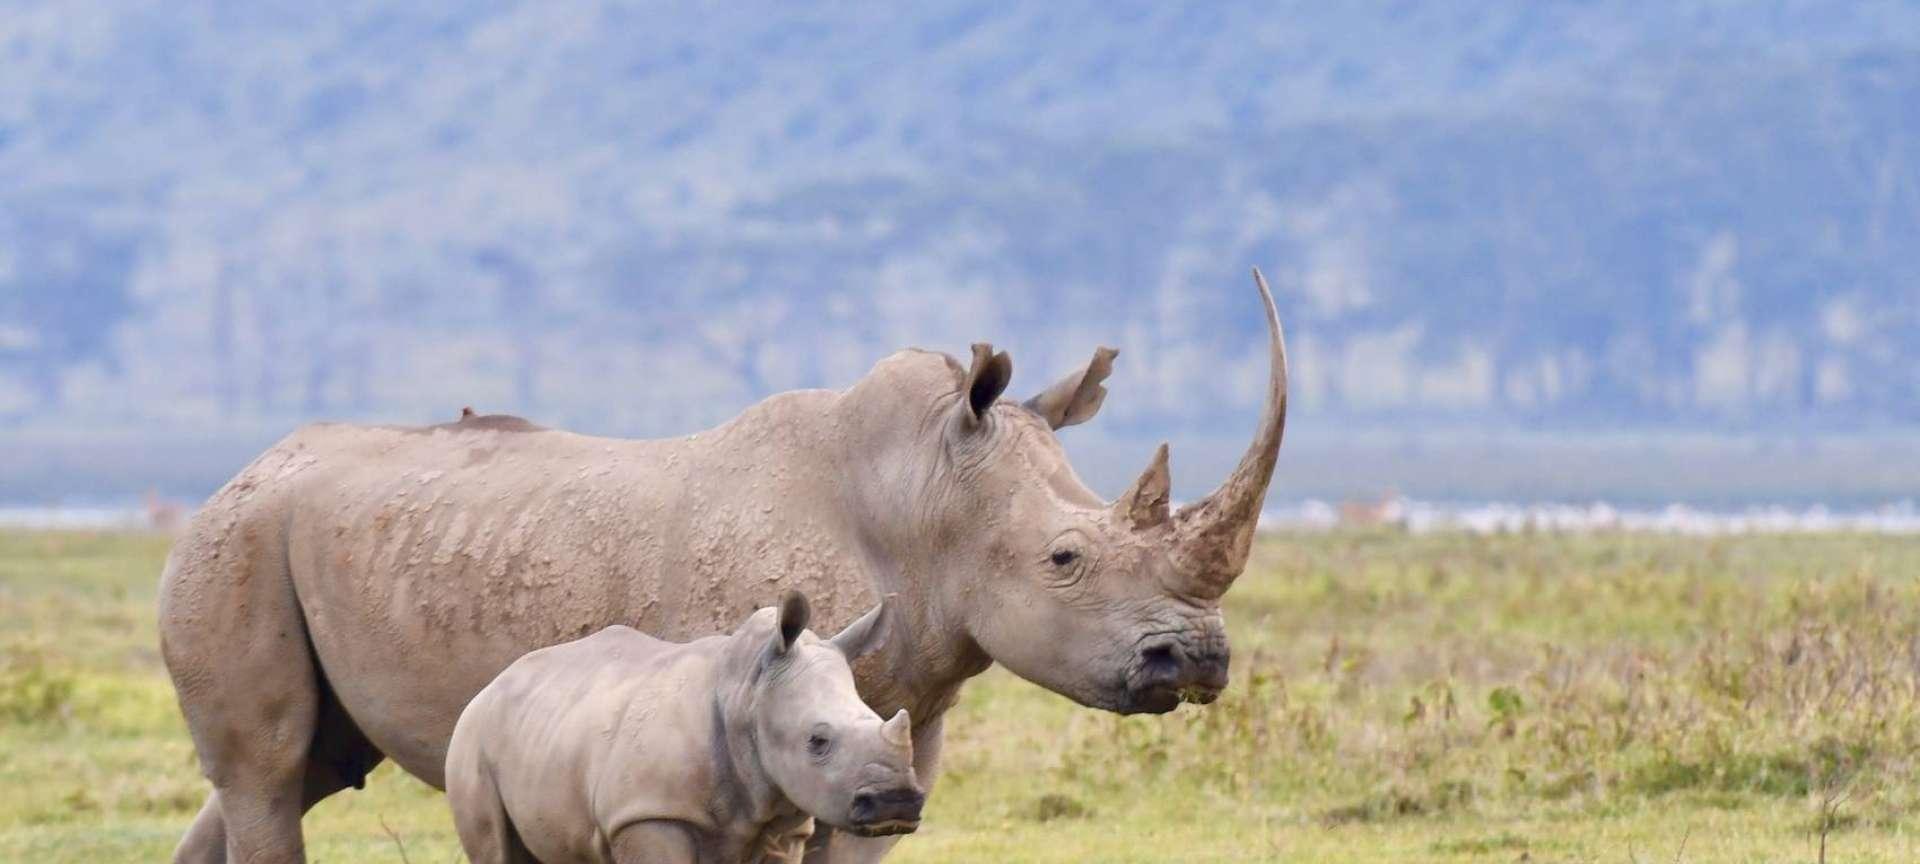 Africa - Africa Wildlife Safaris